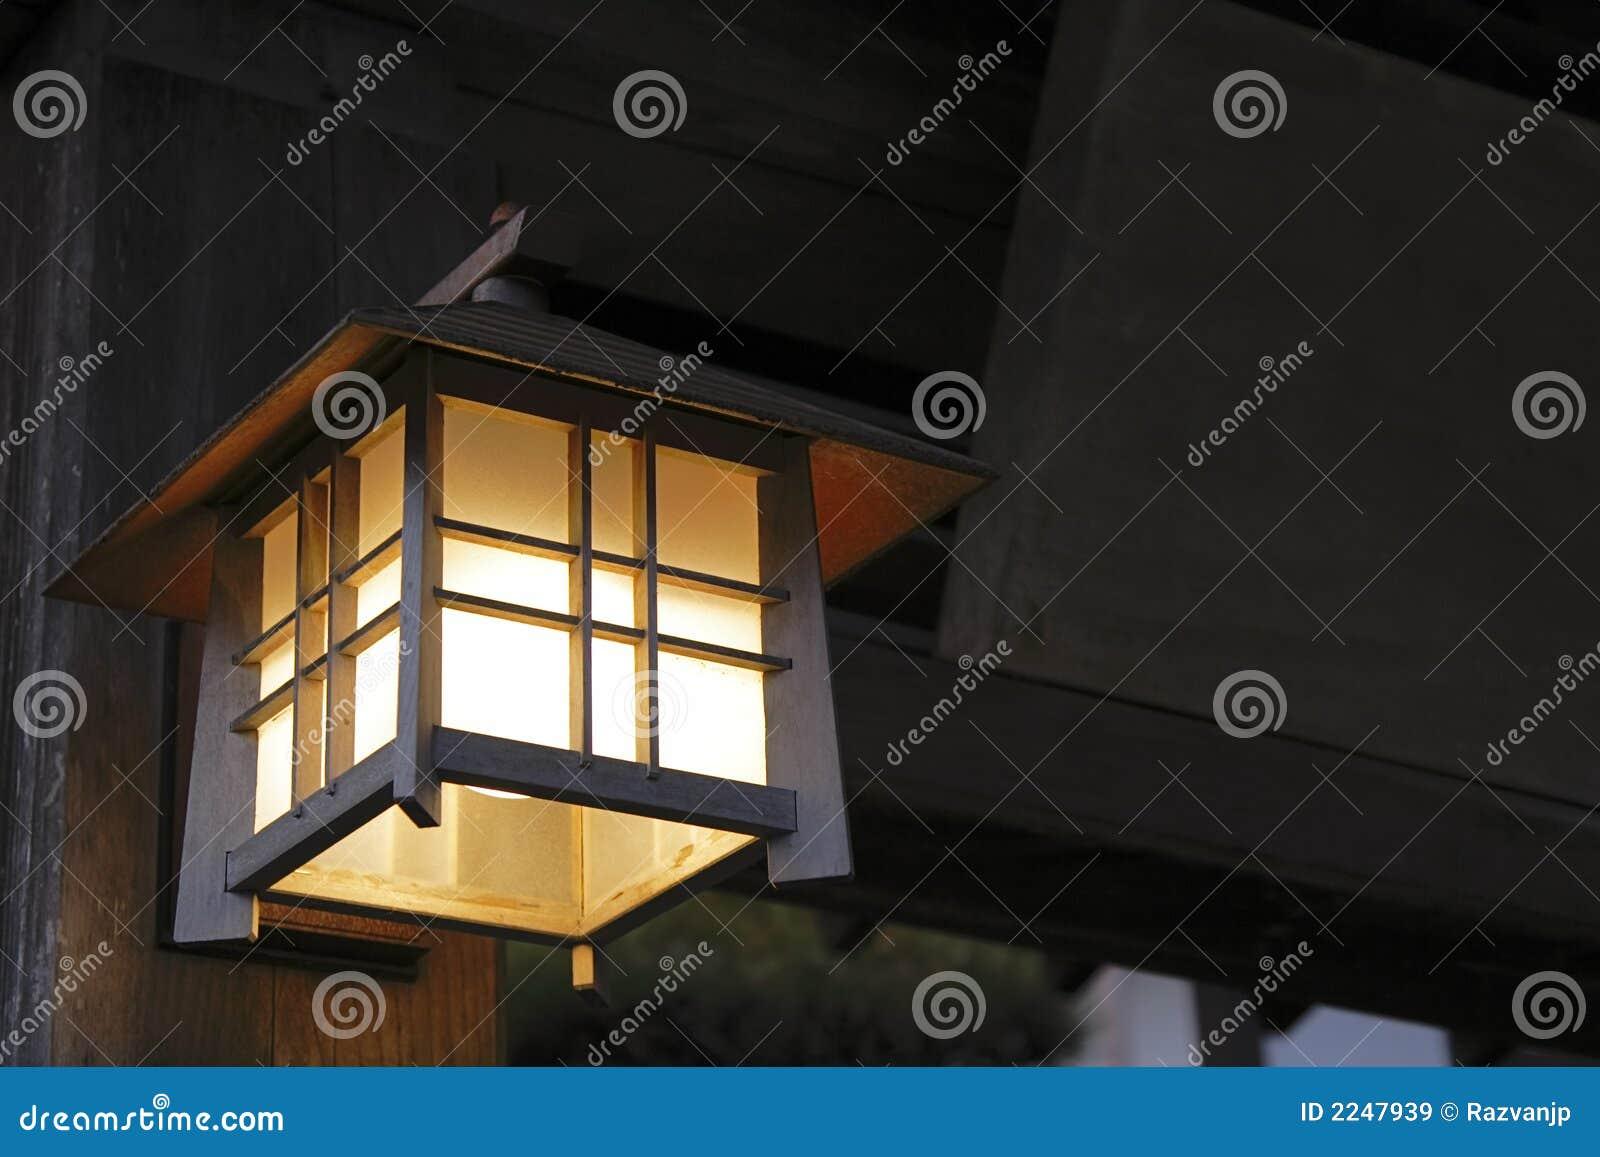 Lanterne Japonaise Image Stock Image Du Tourisme Wooden 2247939